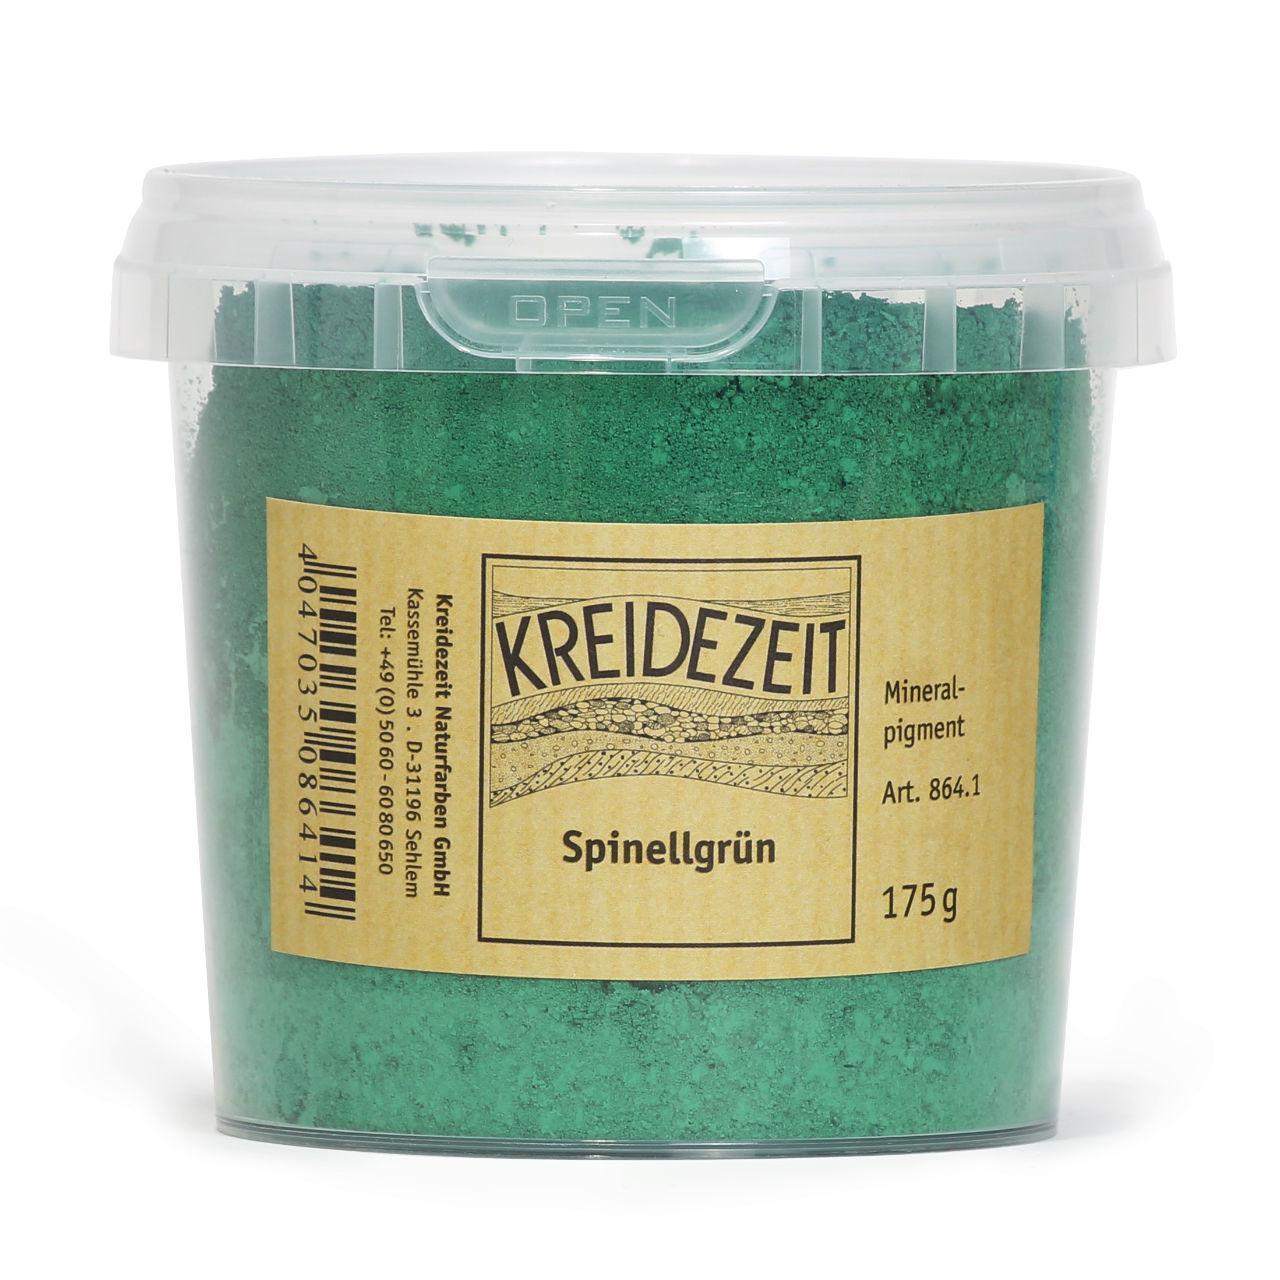 Натуральный пигмент, Шпинель Зеленая, Spinellgrun, Pigmente, Kreidezeit